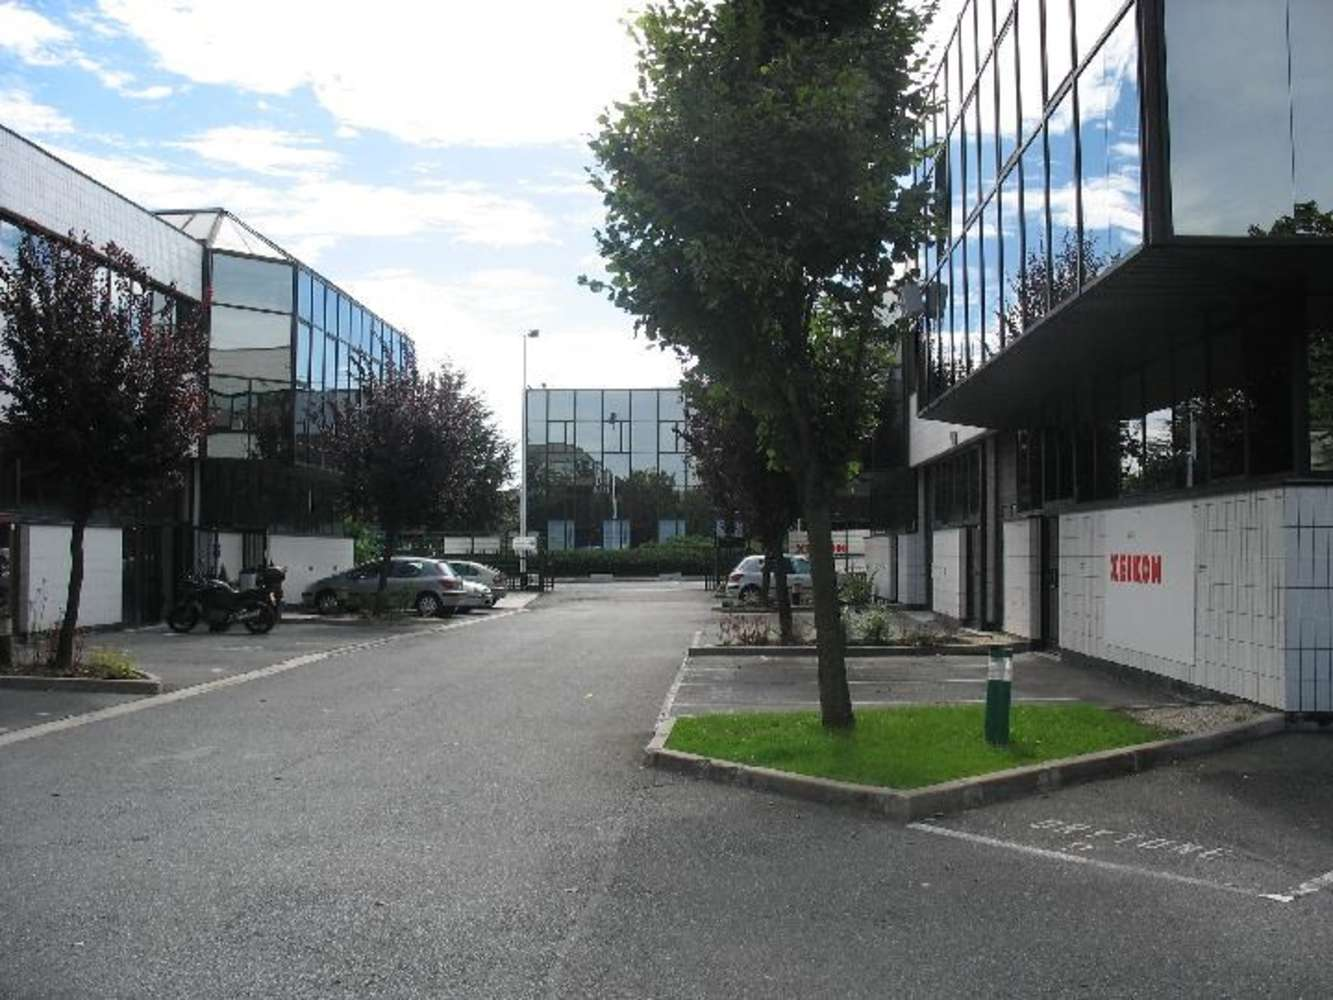 Activités/entrepôt Nanterre, 92000 - 11-13 RUE DES HAUTES PATURES - 9930517